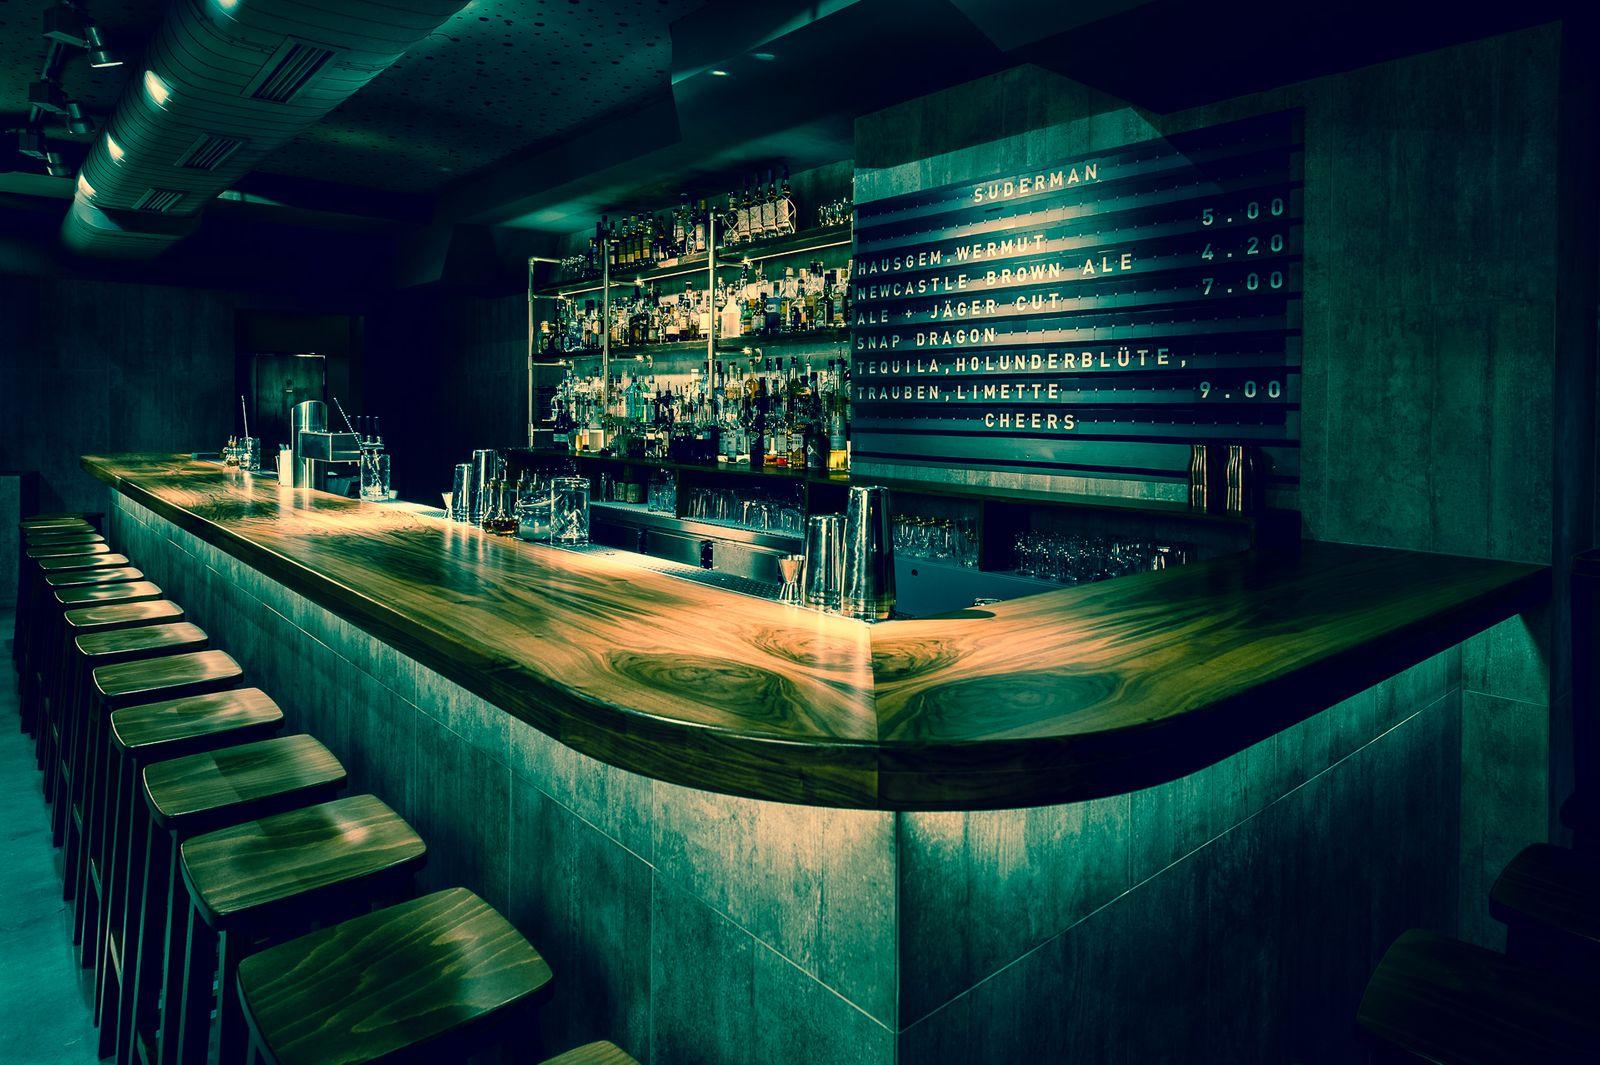 Bar Suderman